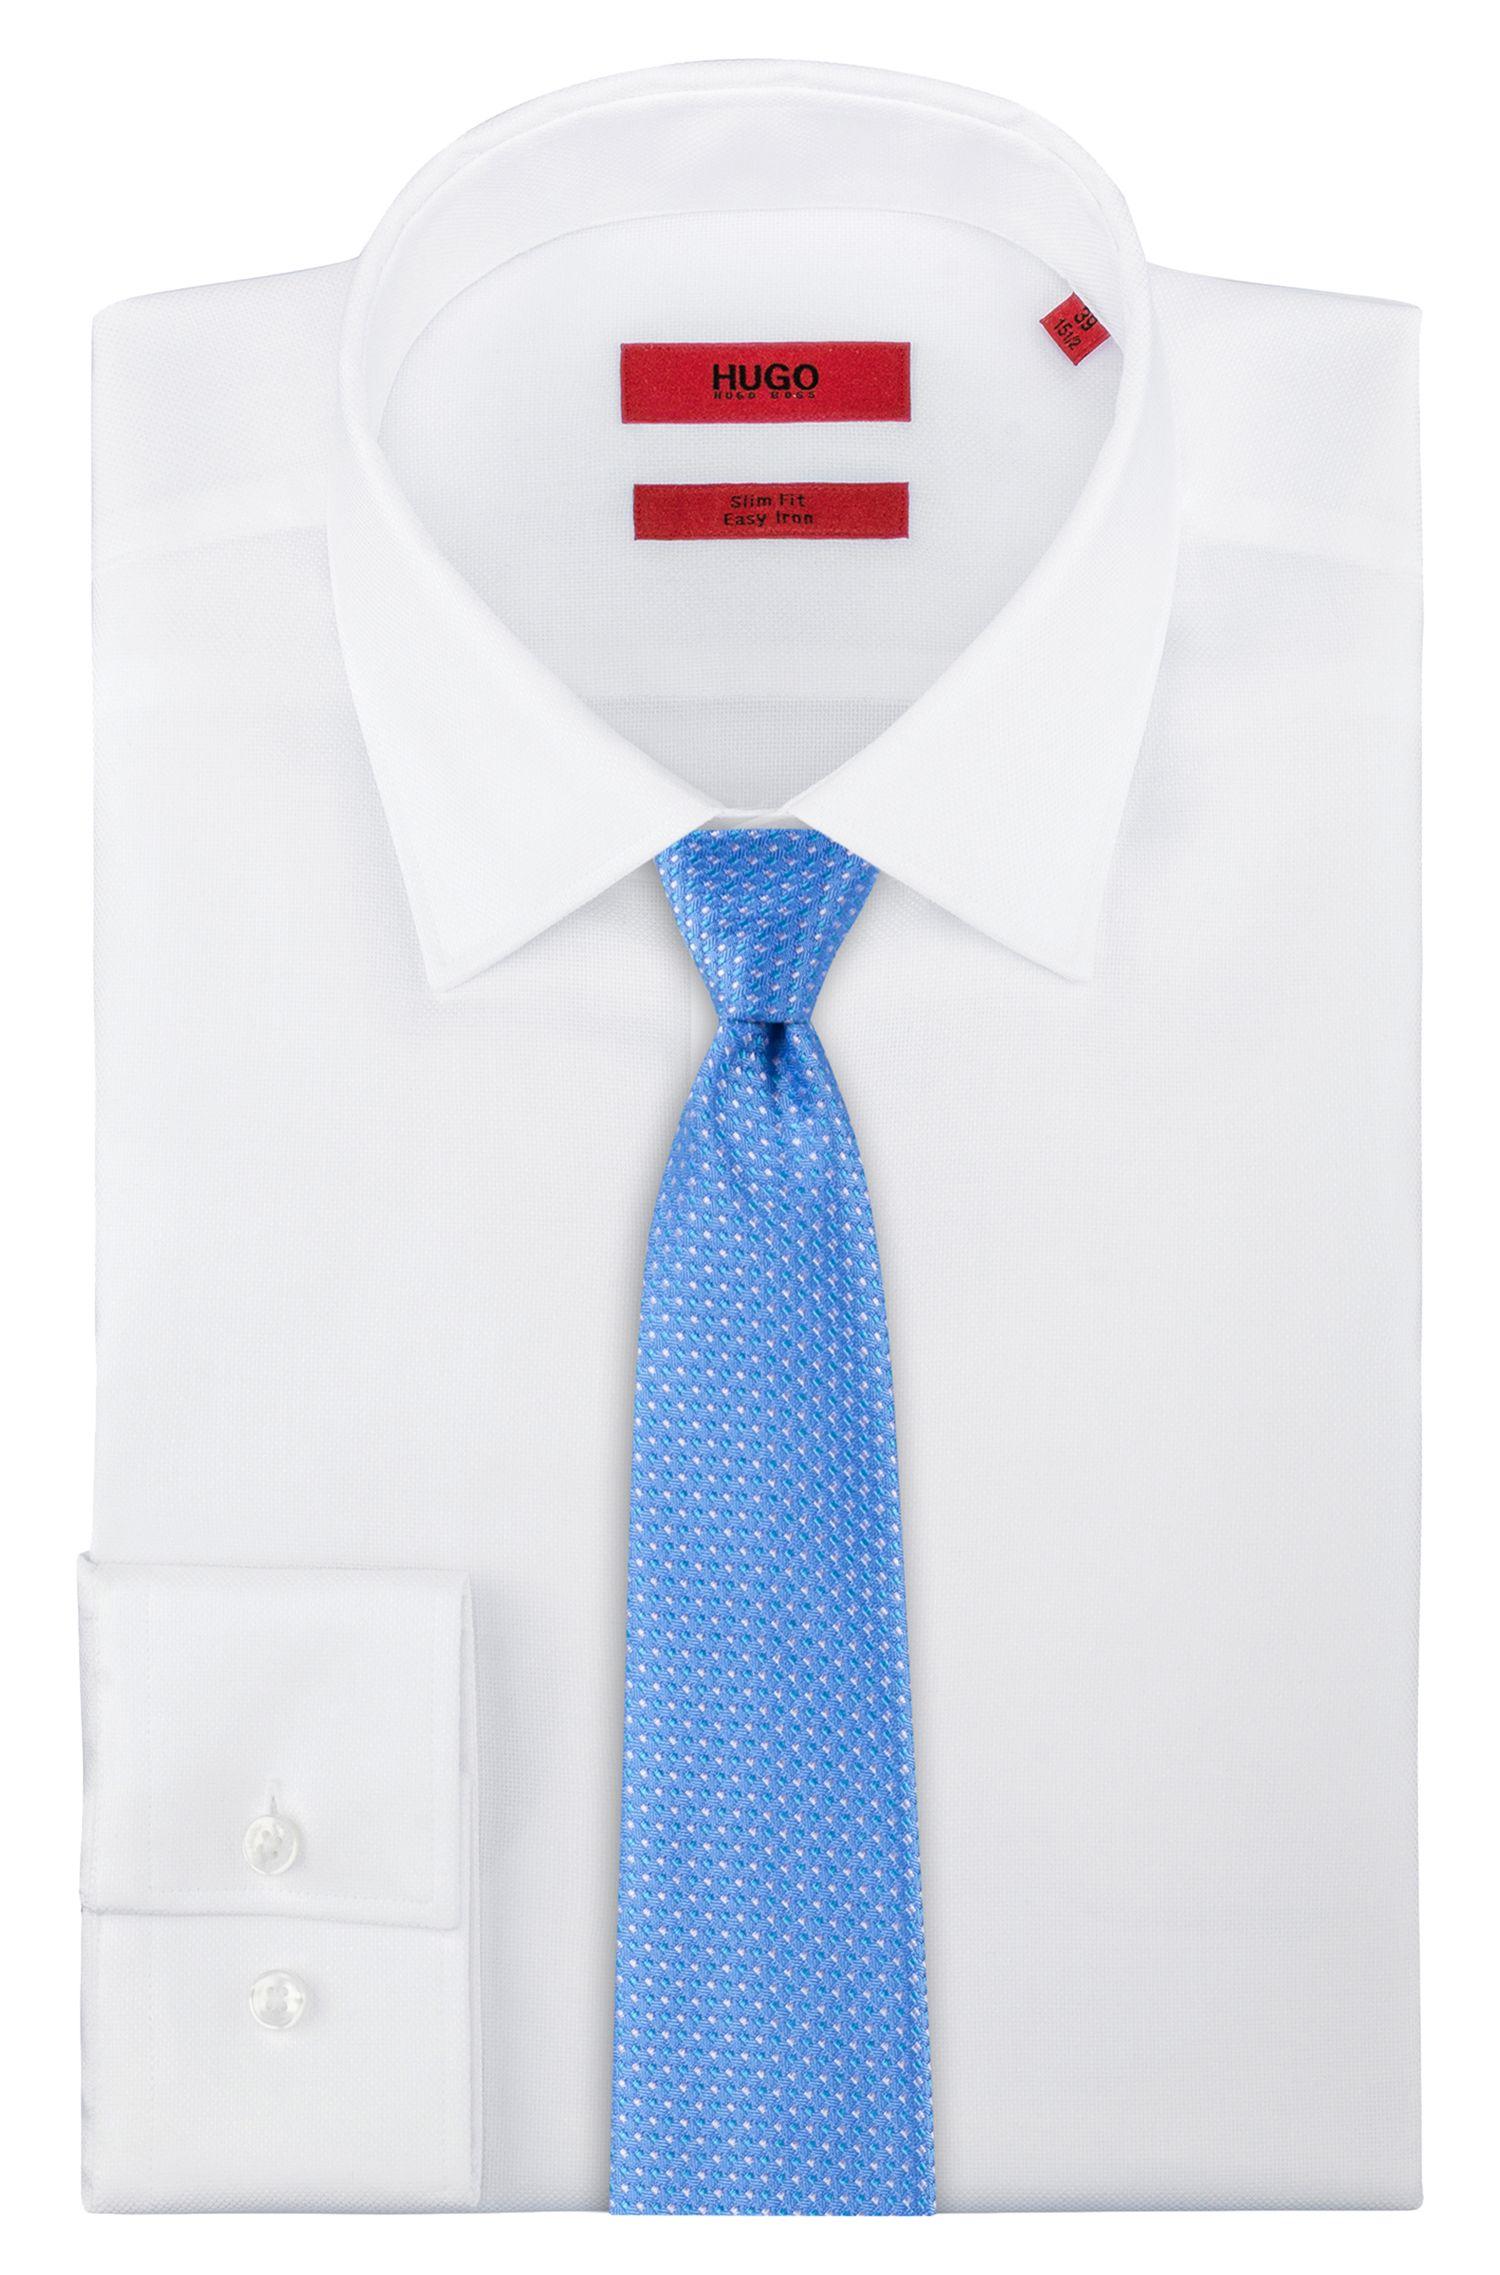 Cravate en jacquard de soie avec motif